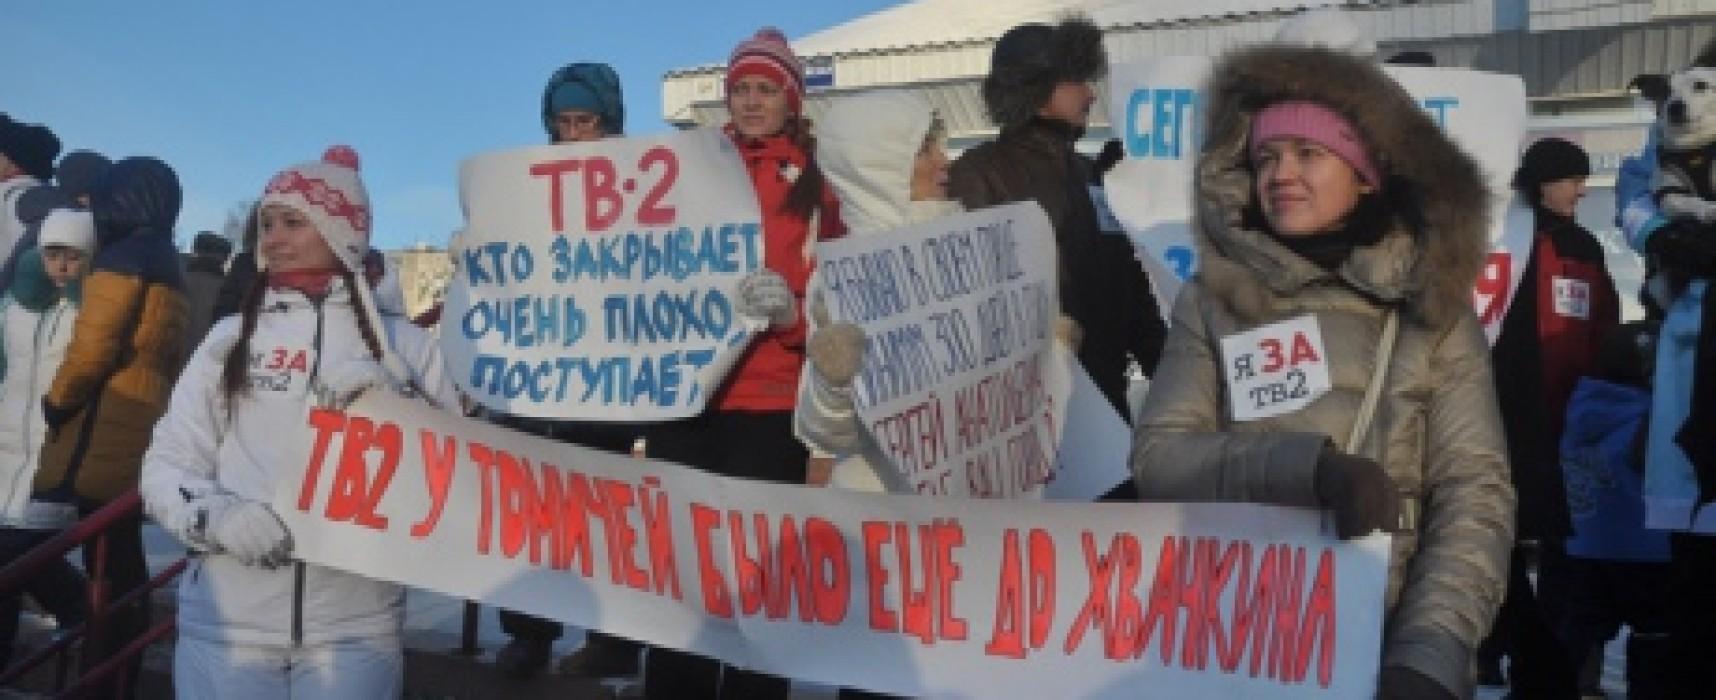 Про томское ТВ-2 и не только